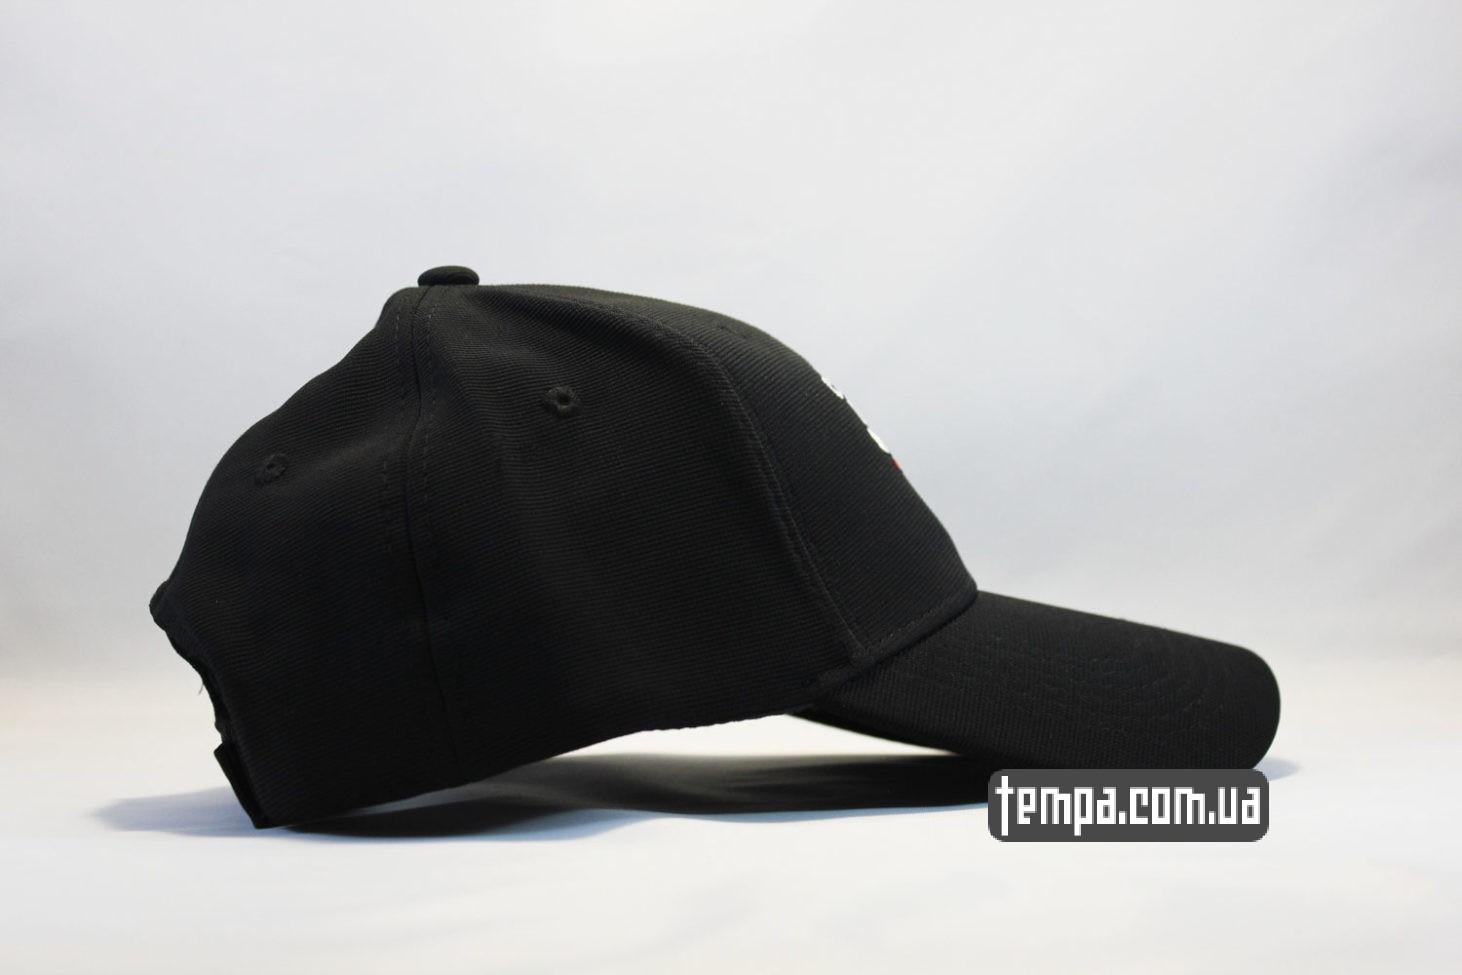 чикаго булс баскетбольная кепка бейсболка Chicago Bulls New Era с быком черная